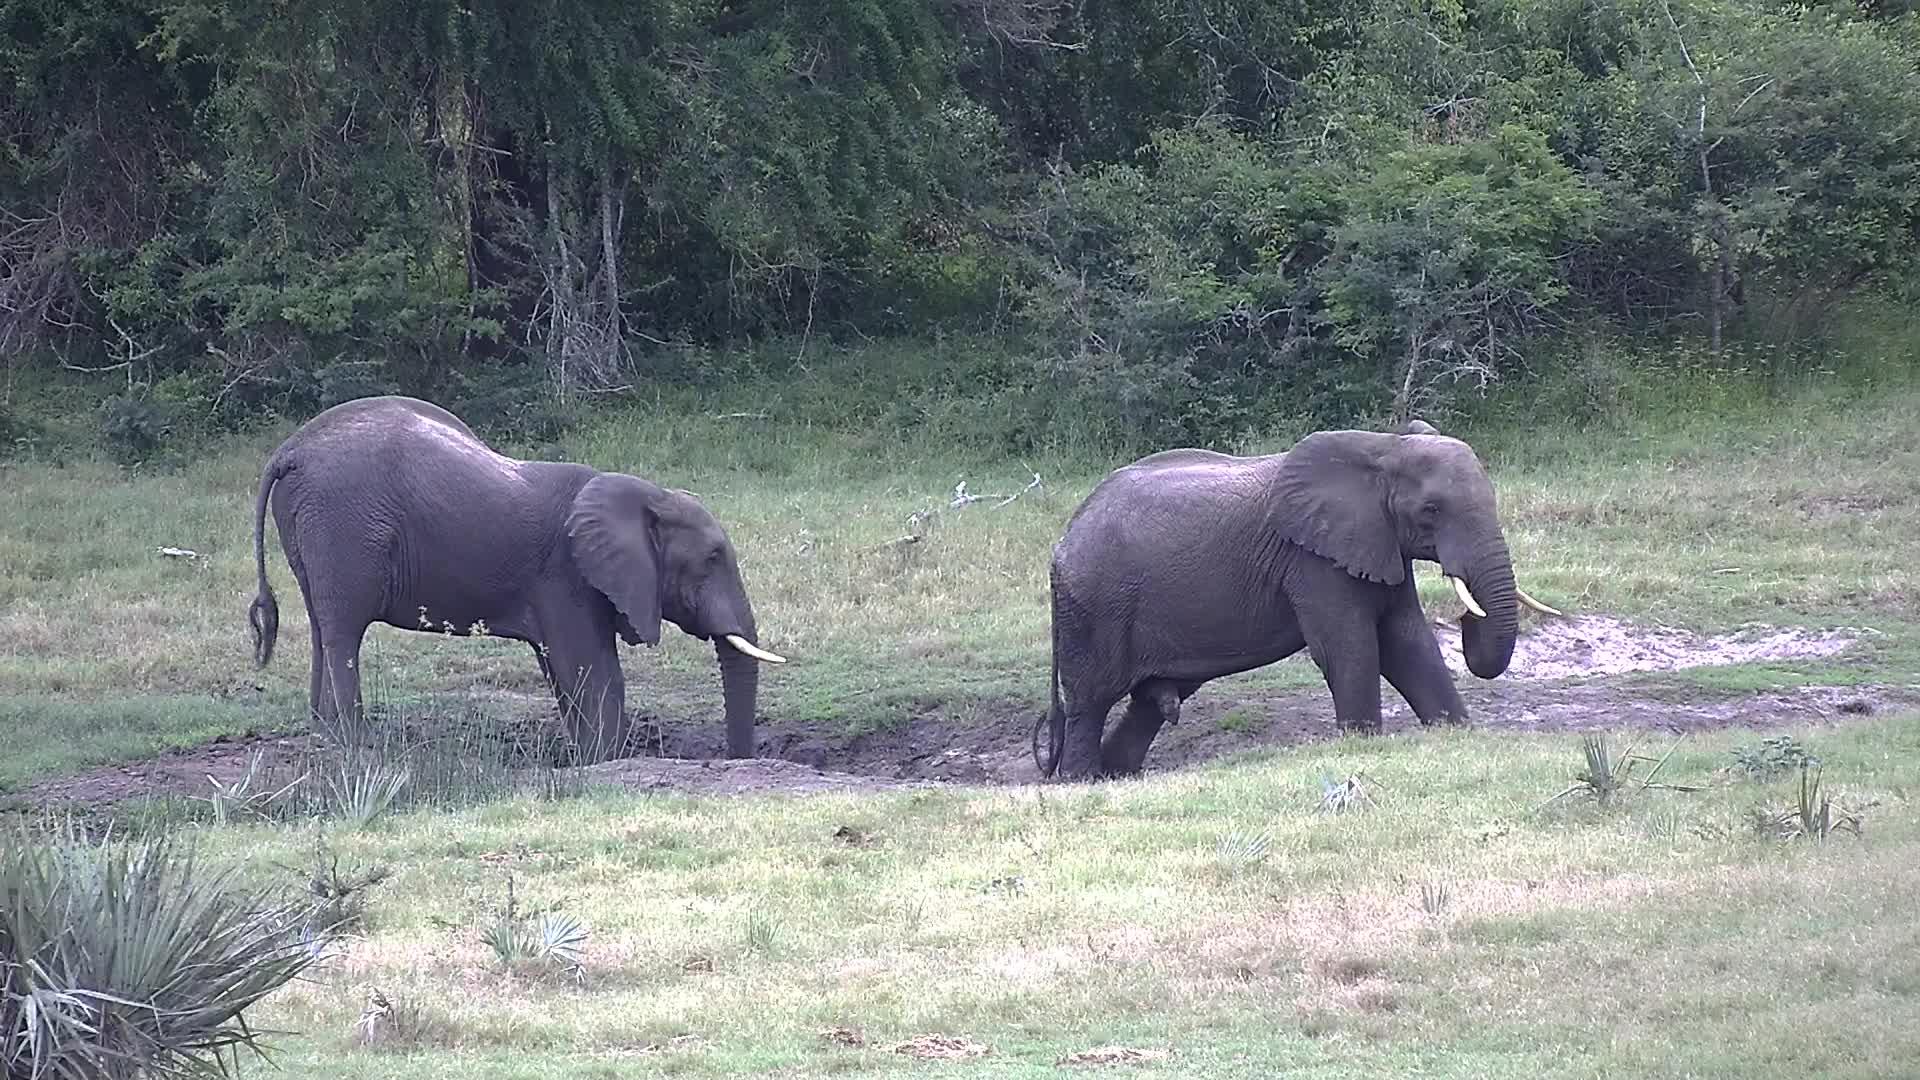 VIDEO:  Elephants enjoying a mud bath